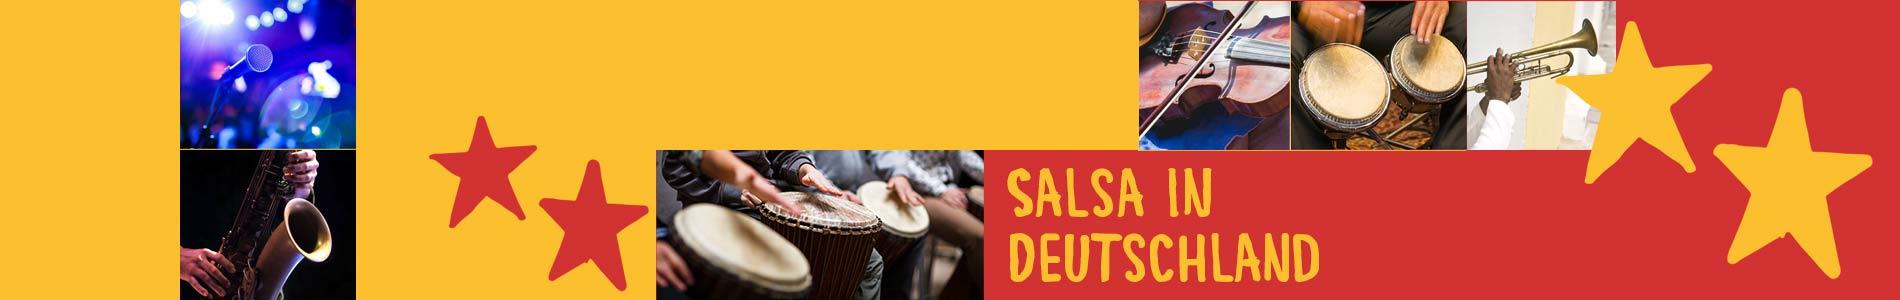 Salsa in Brehme – Salsa lernen und tanzen, Tanzkurse, Partys, Veranstaltungen